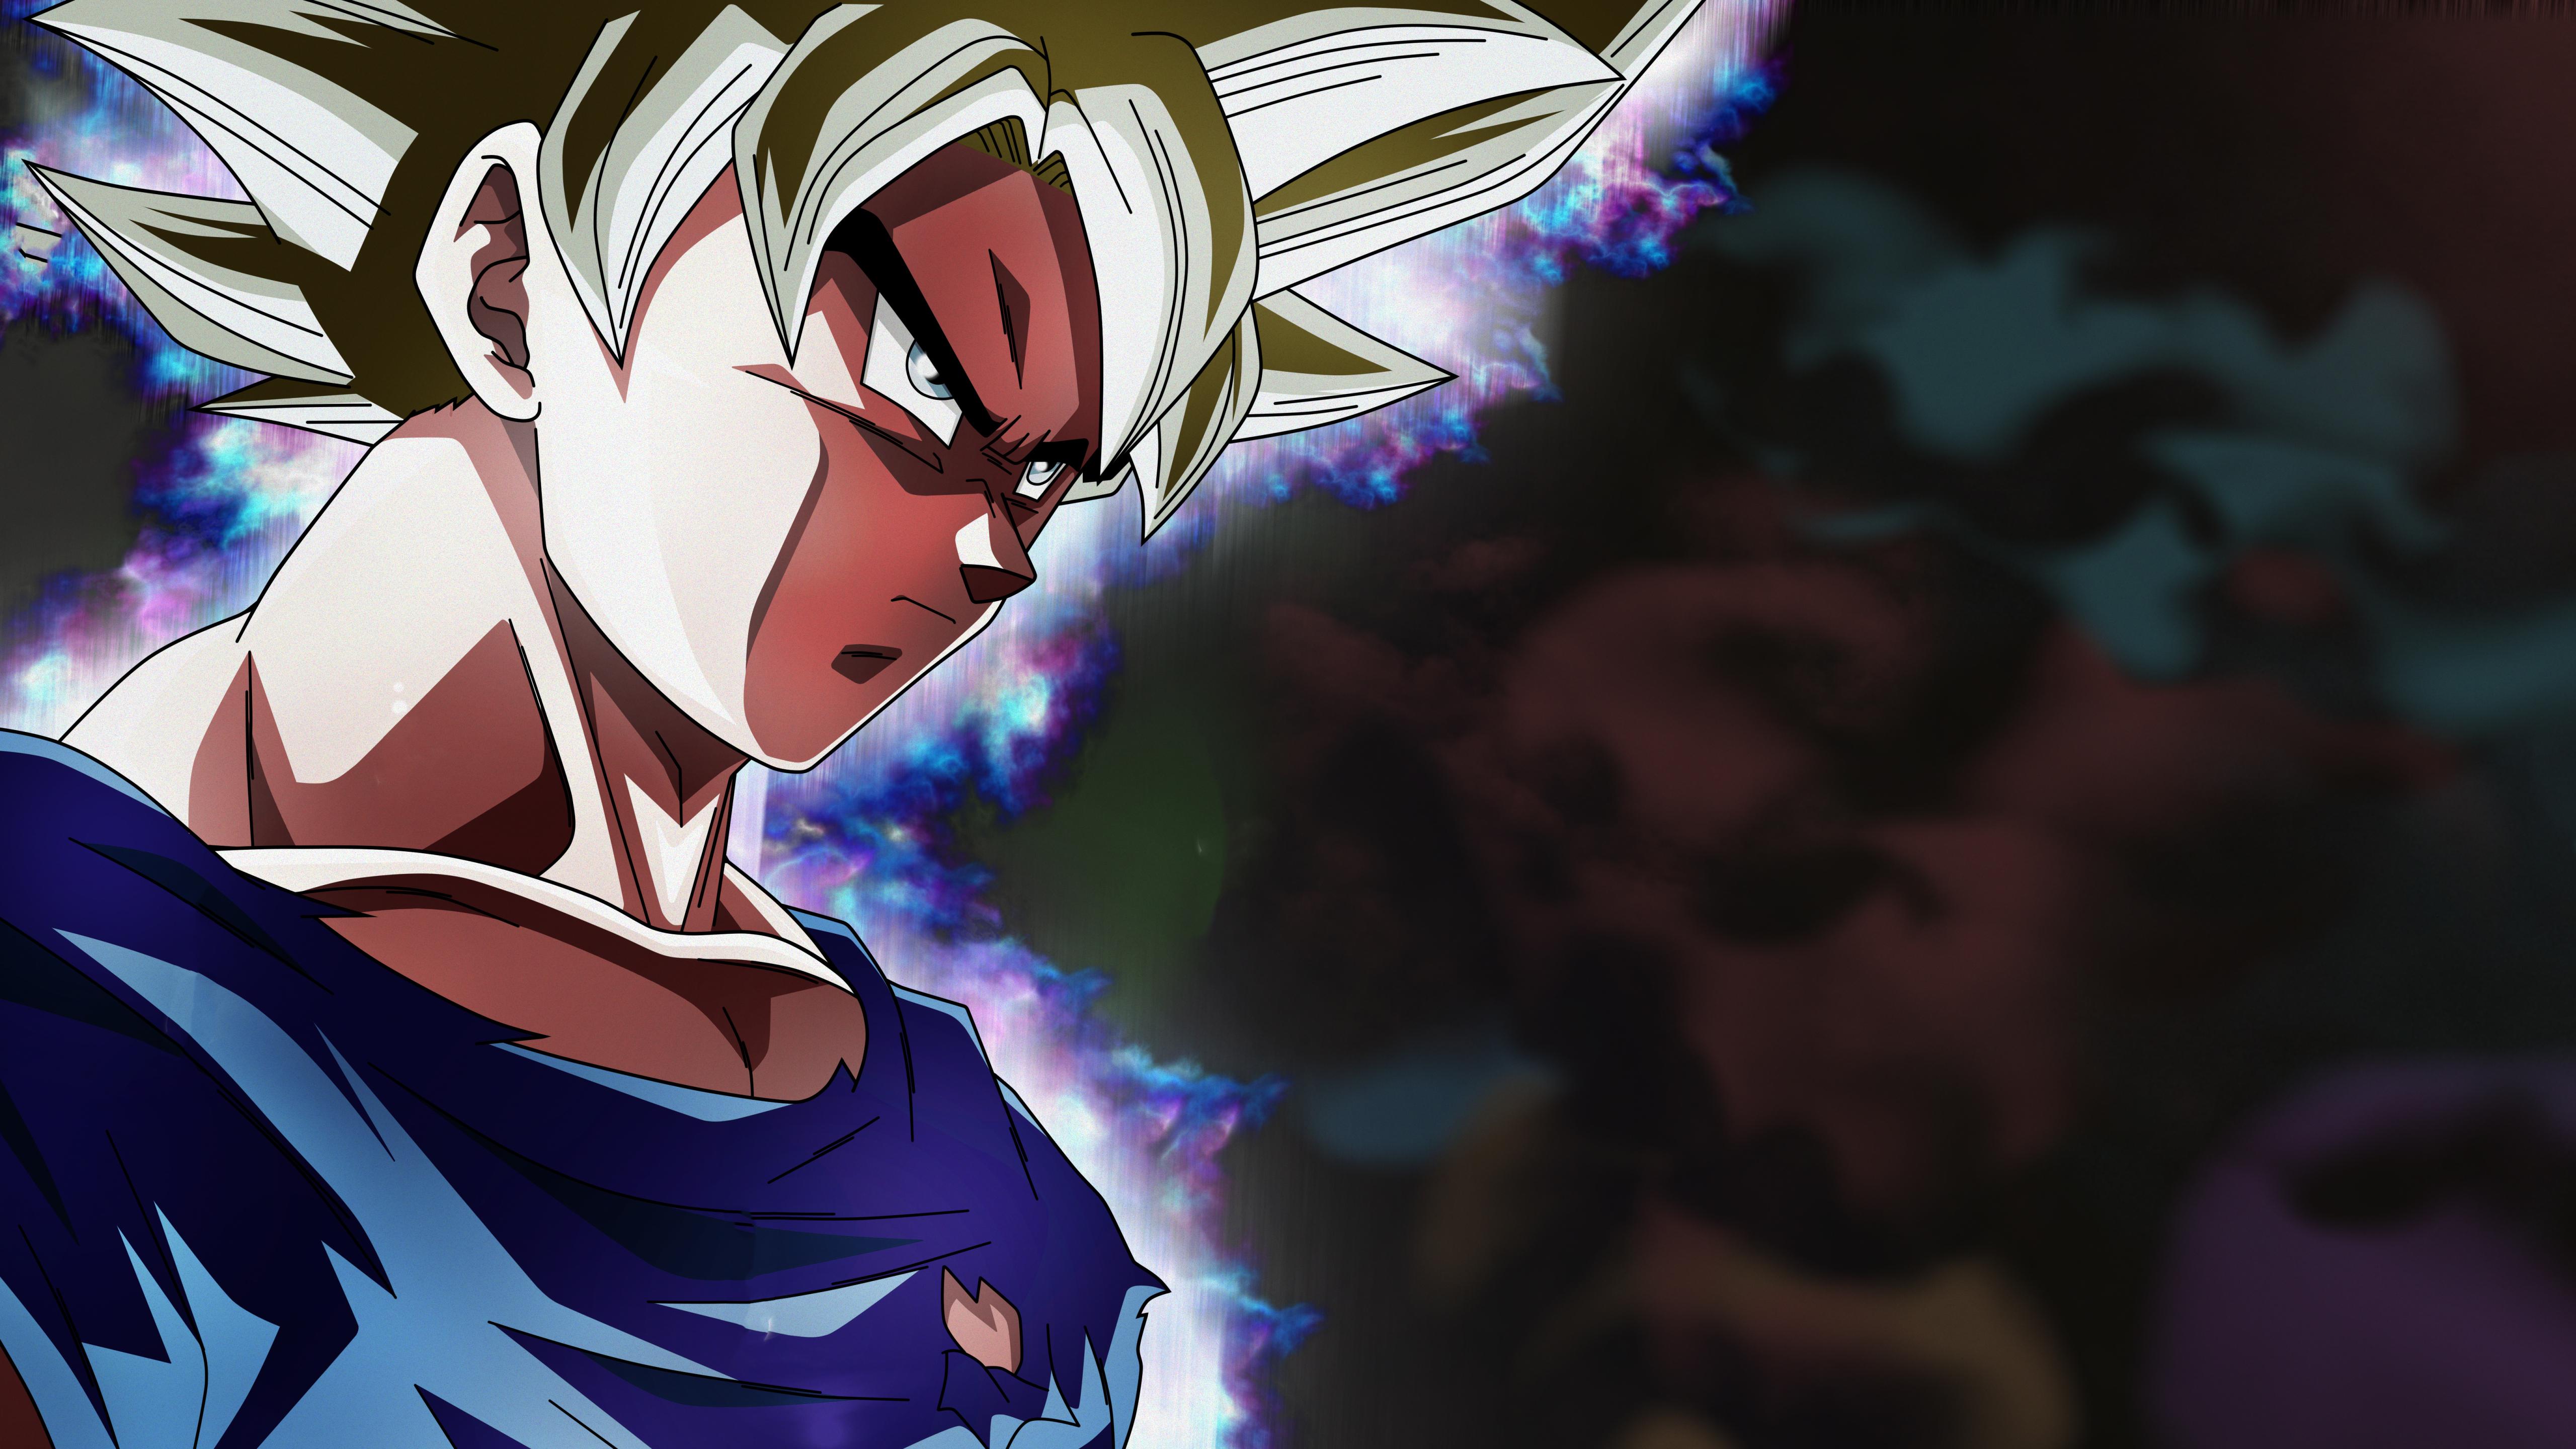 5120x2880 Angry Goku Dragon Ball Super